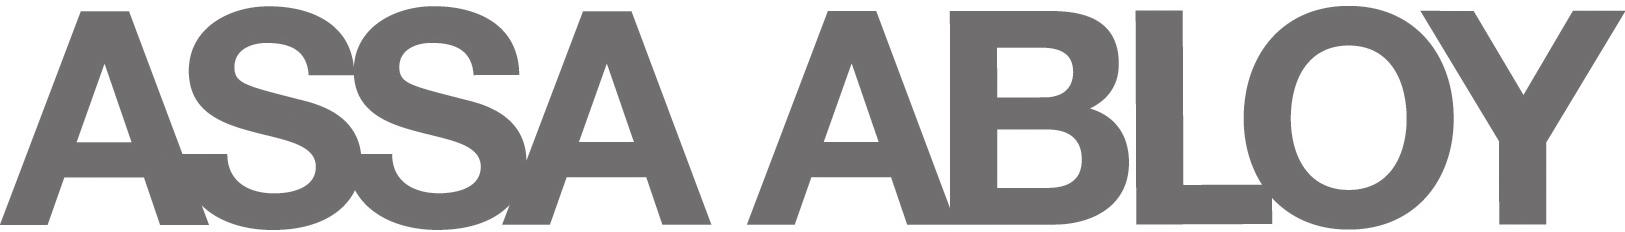 https://www.designbyreese.com/wp-content/uploads/2018/04/logo-assa.png